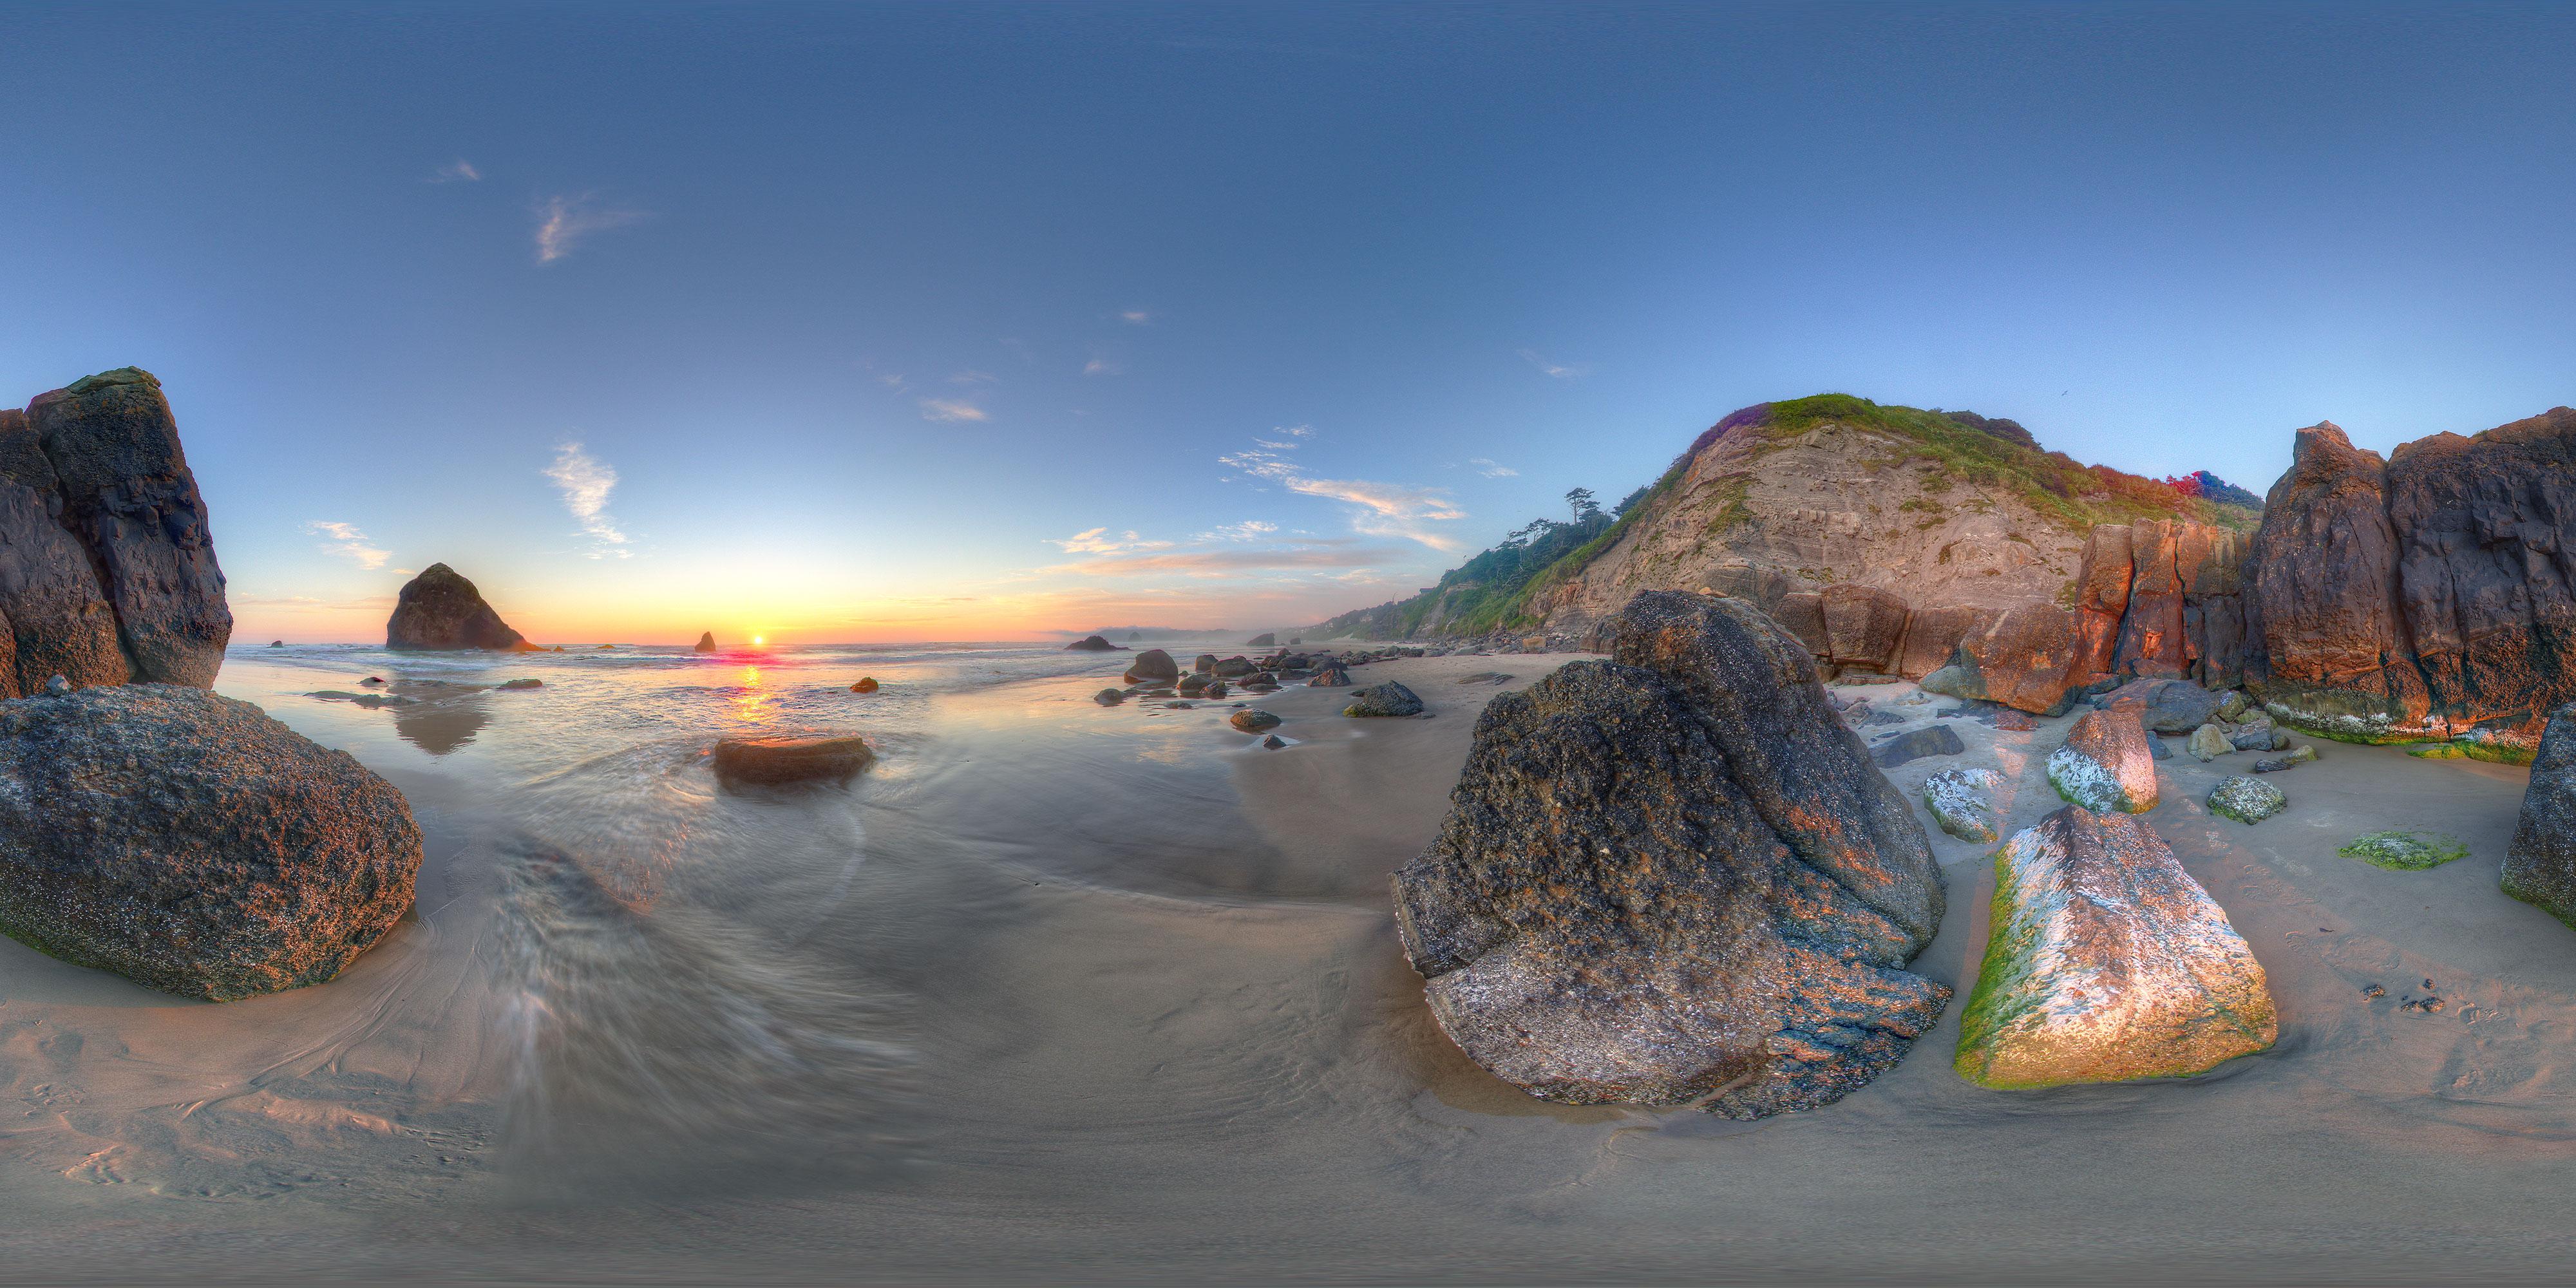 360 Aerial Panoramas, 360 Virtual Tours Around the Cool 360 photo panoramas made easy